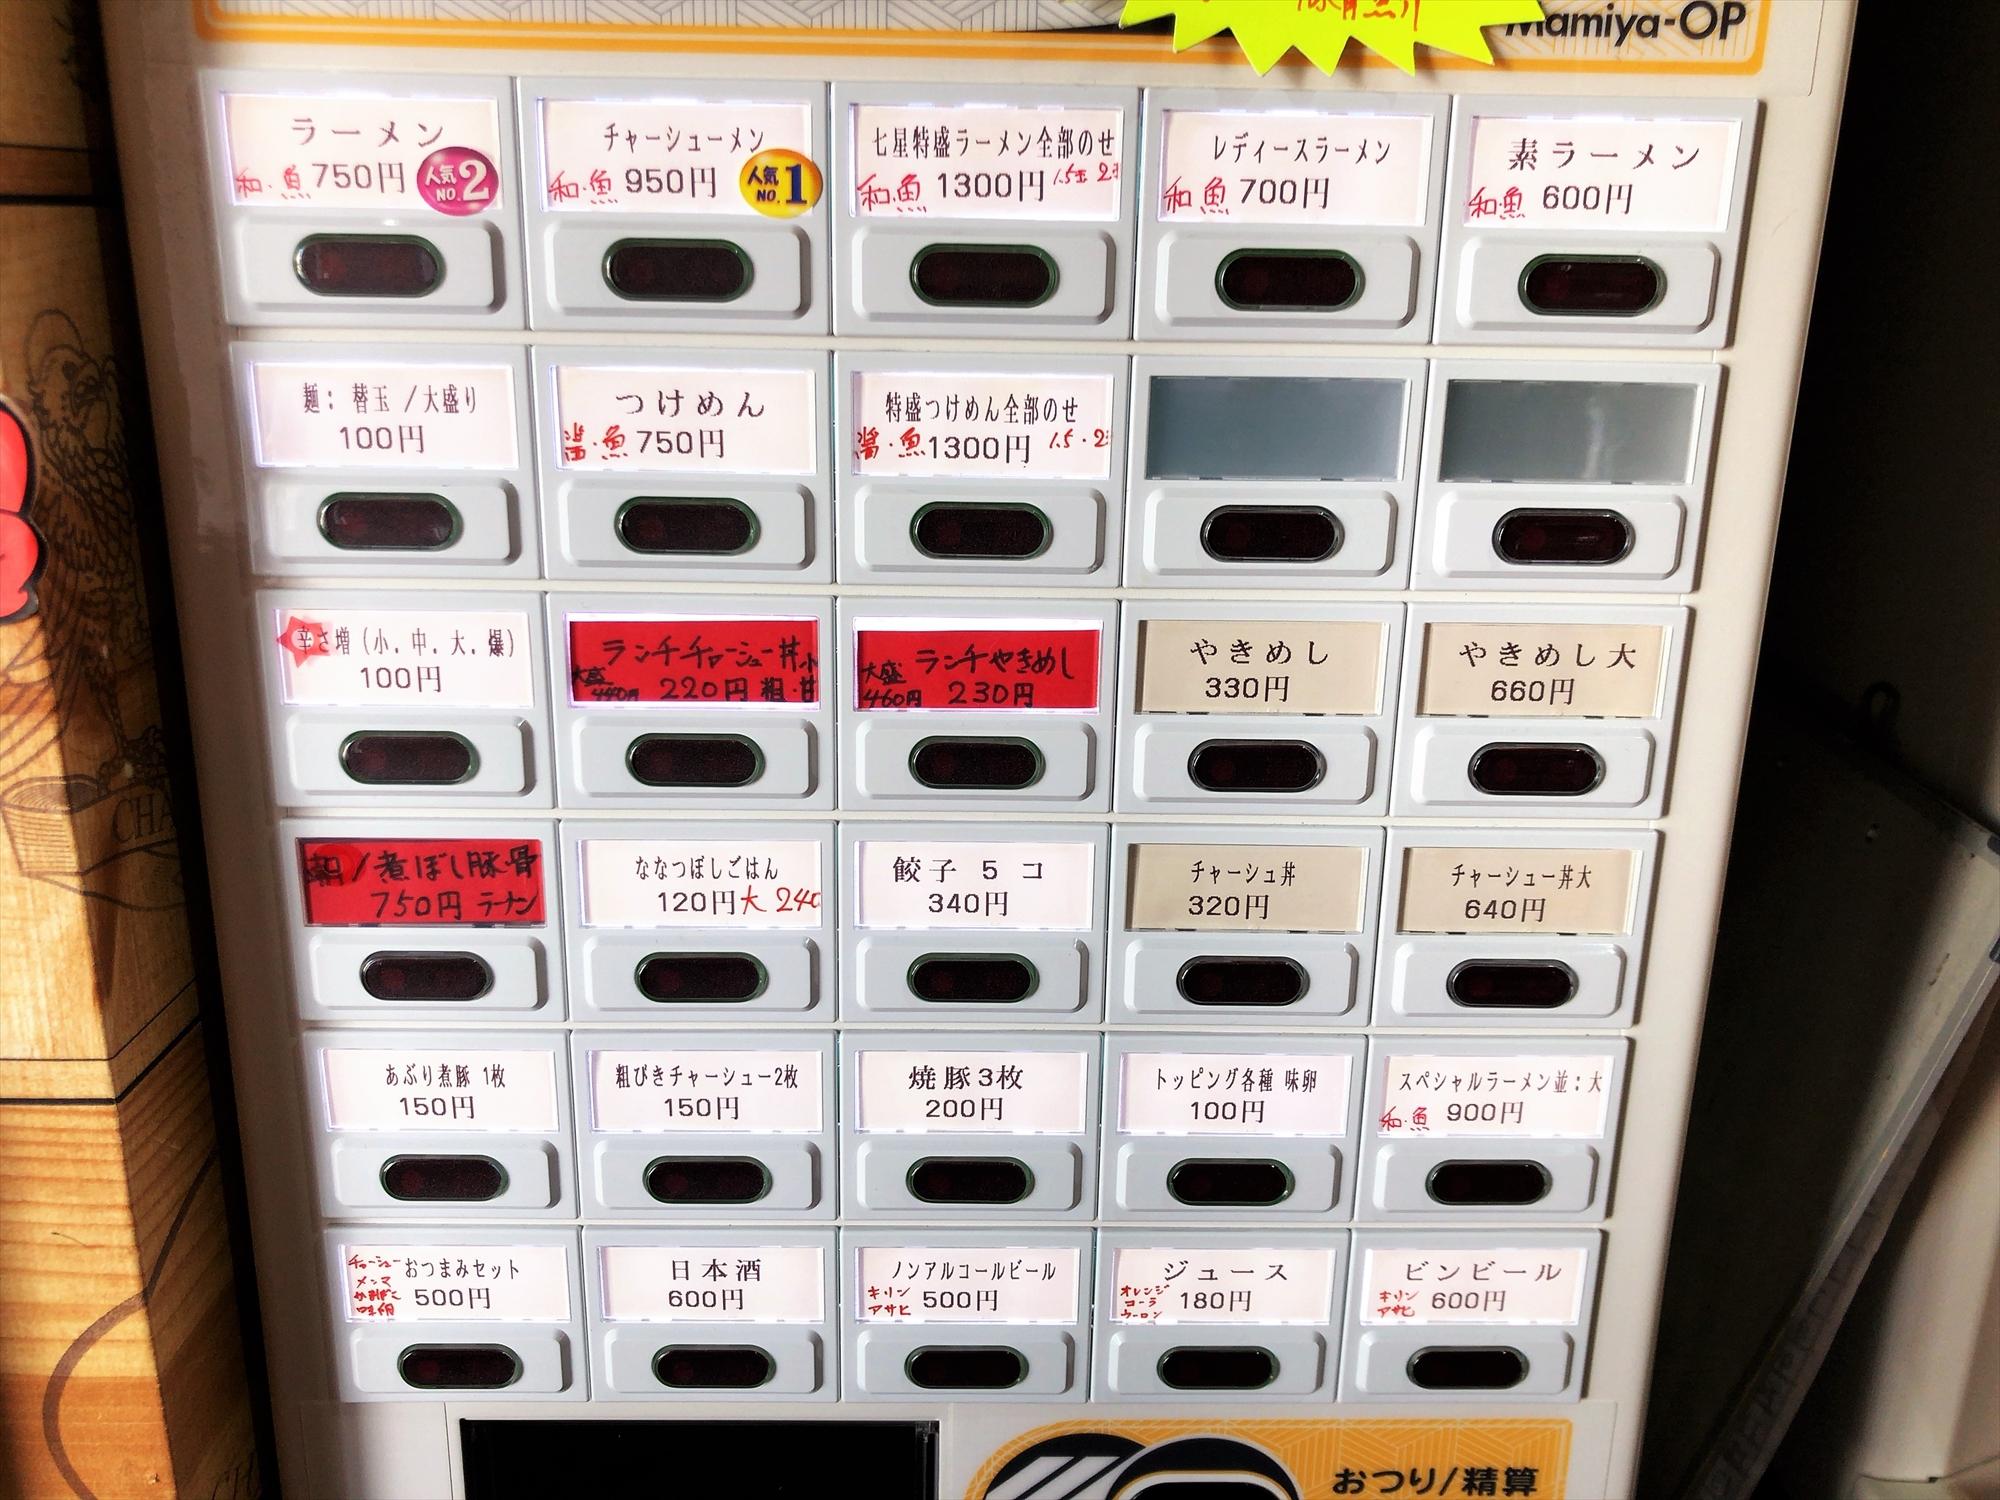 和歌山ラーメン 七星の券売機